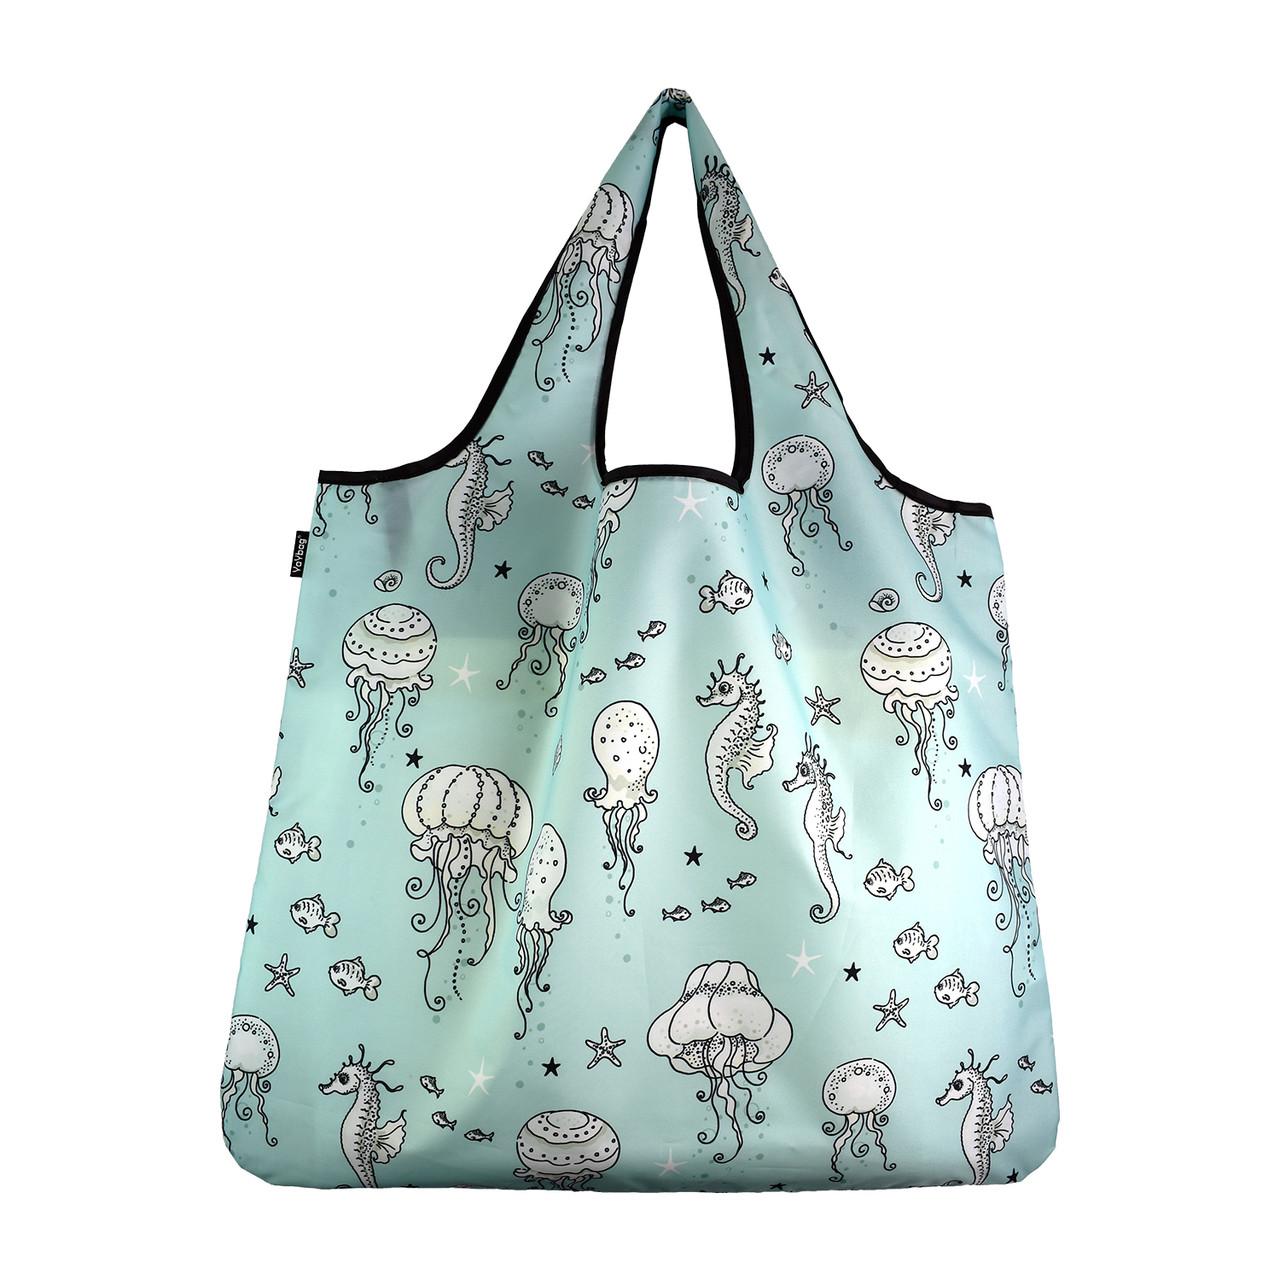 J4368 Washable YaYbag JUMBO Reusable Shopping Bags Stylish High Quality